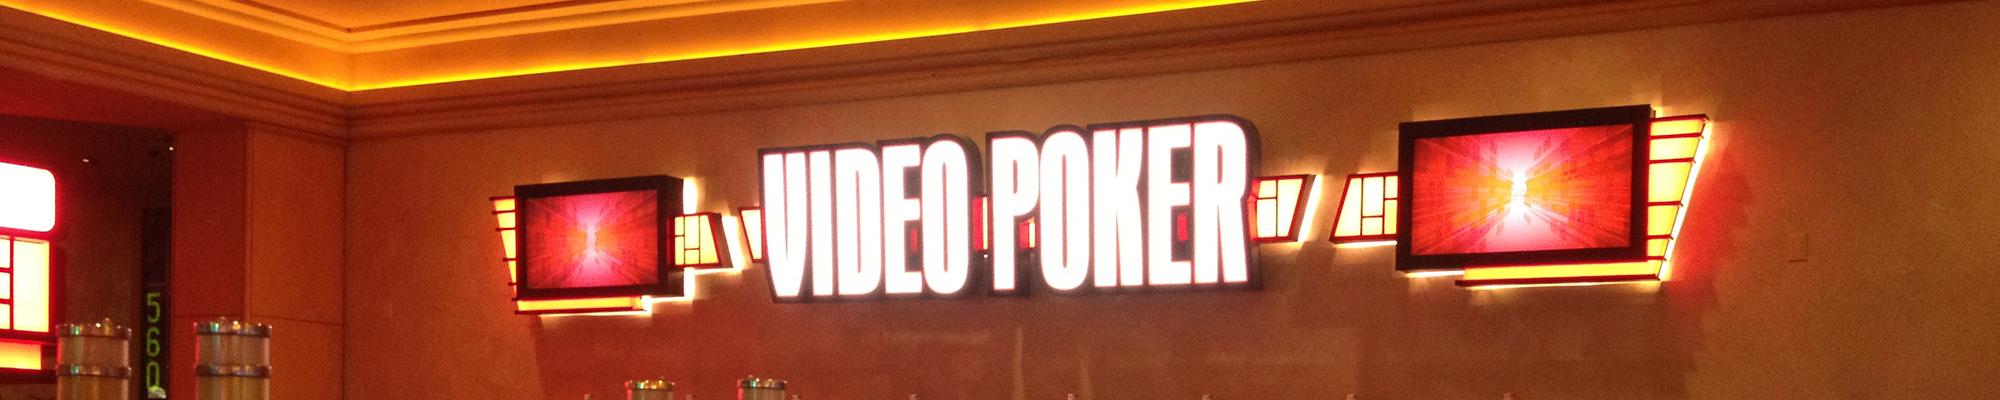 Video poker faq